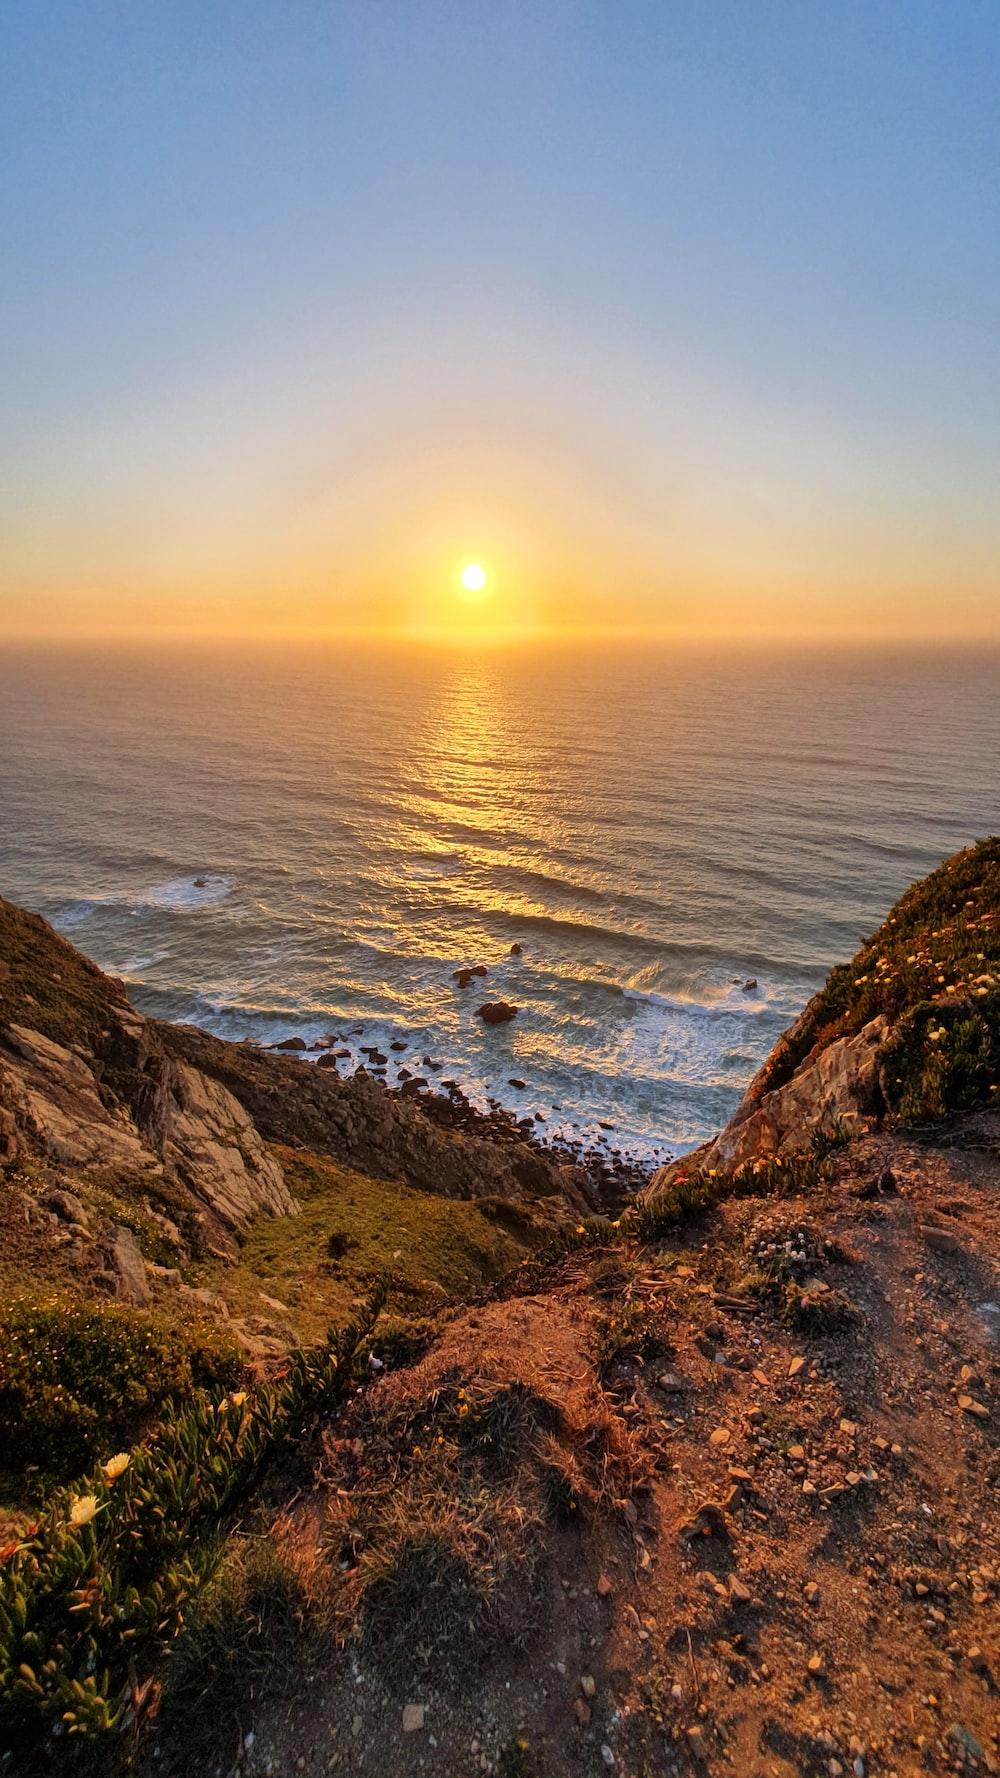 wavy ocean during golden hour